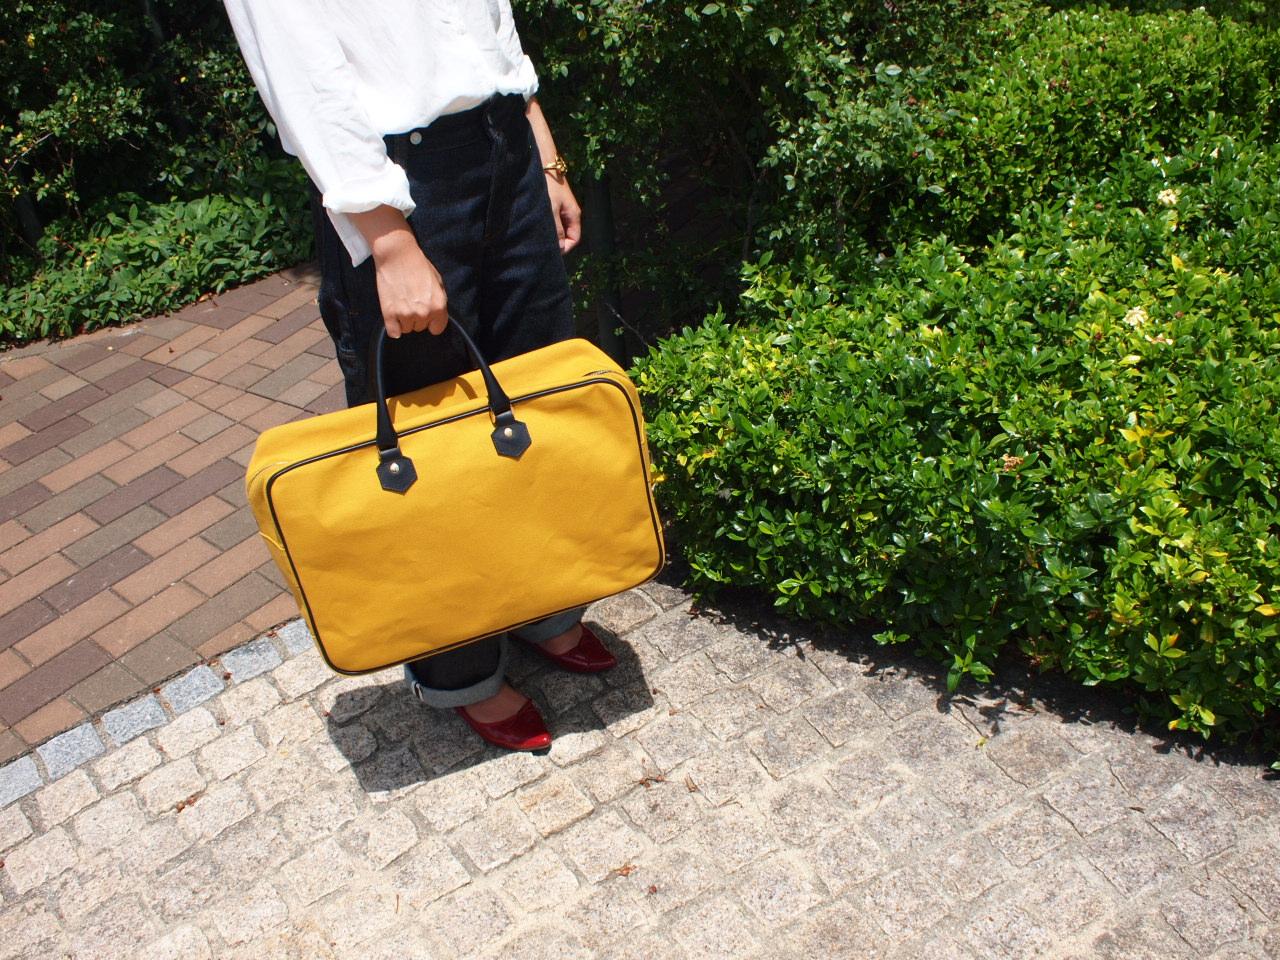 女の子と大きなバッグ、そのギャップが可愛さを引き立てる